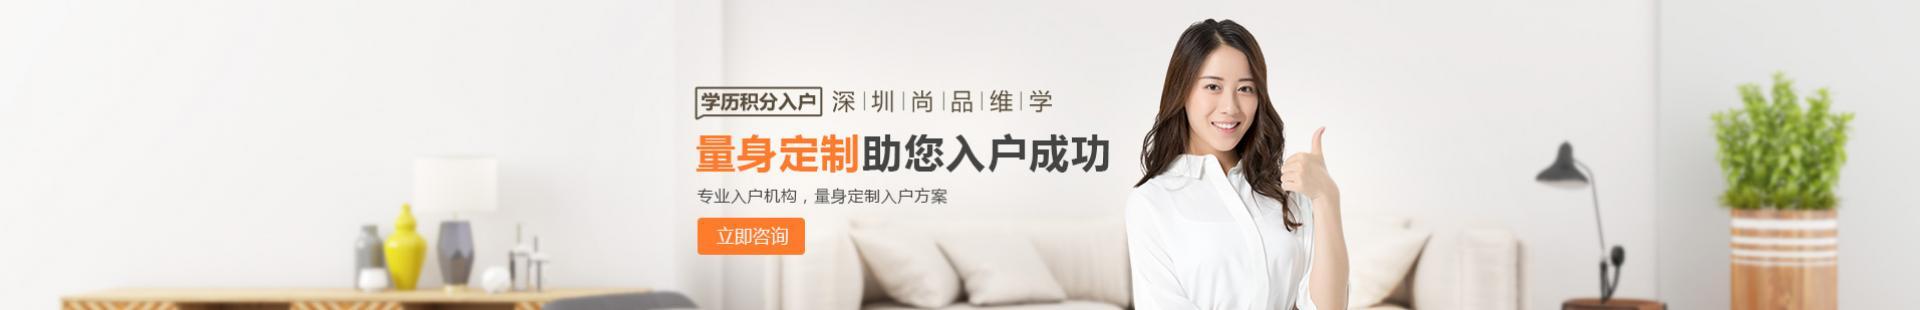 深圳市尚品维学教育管理有限公司